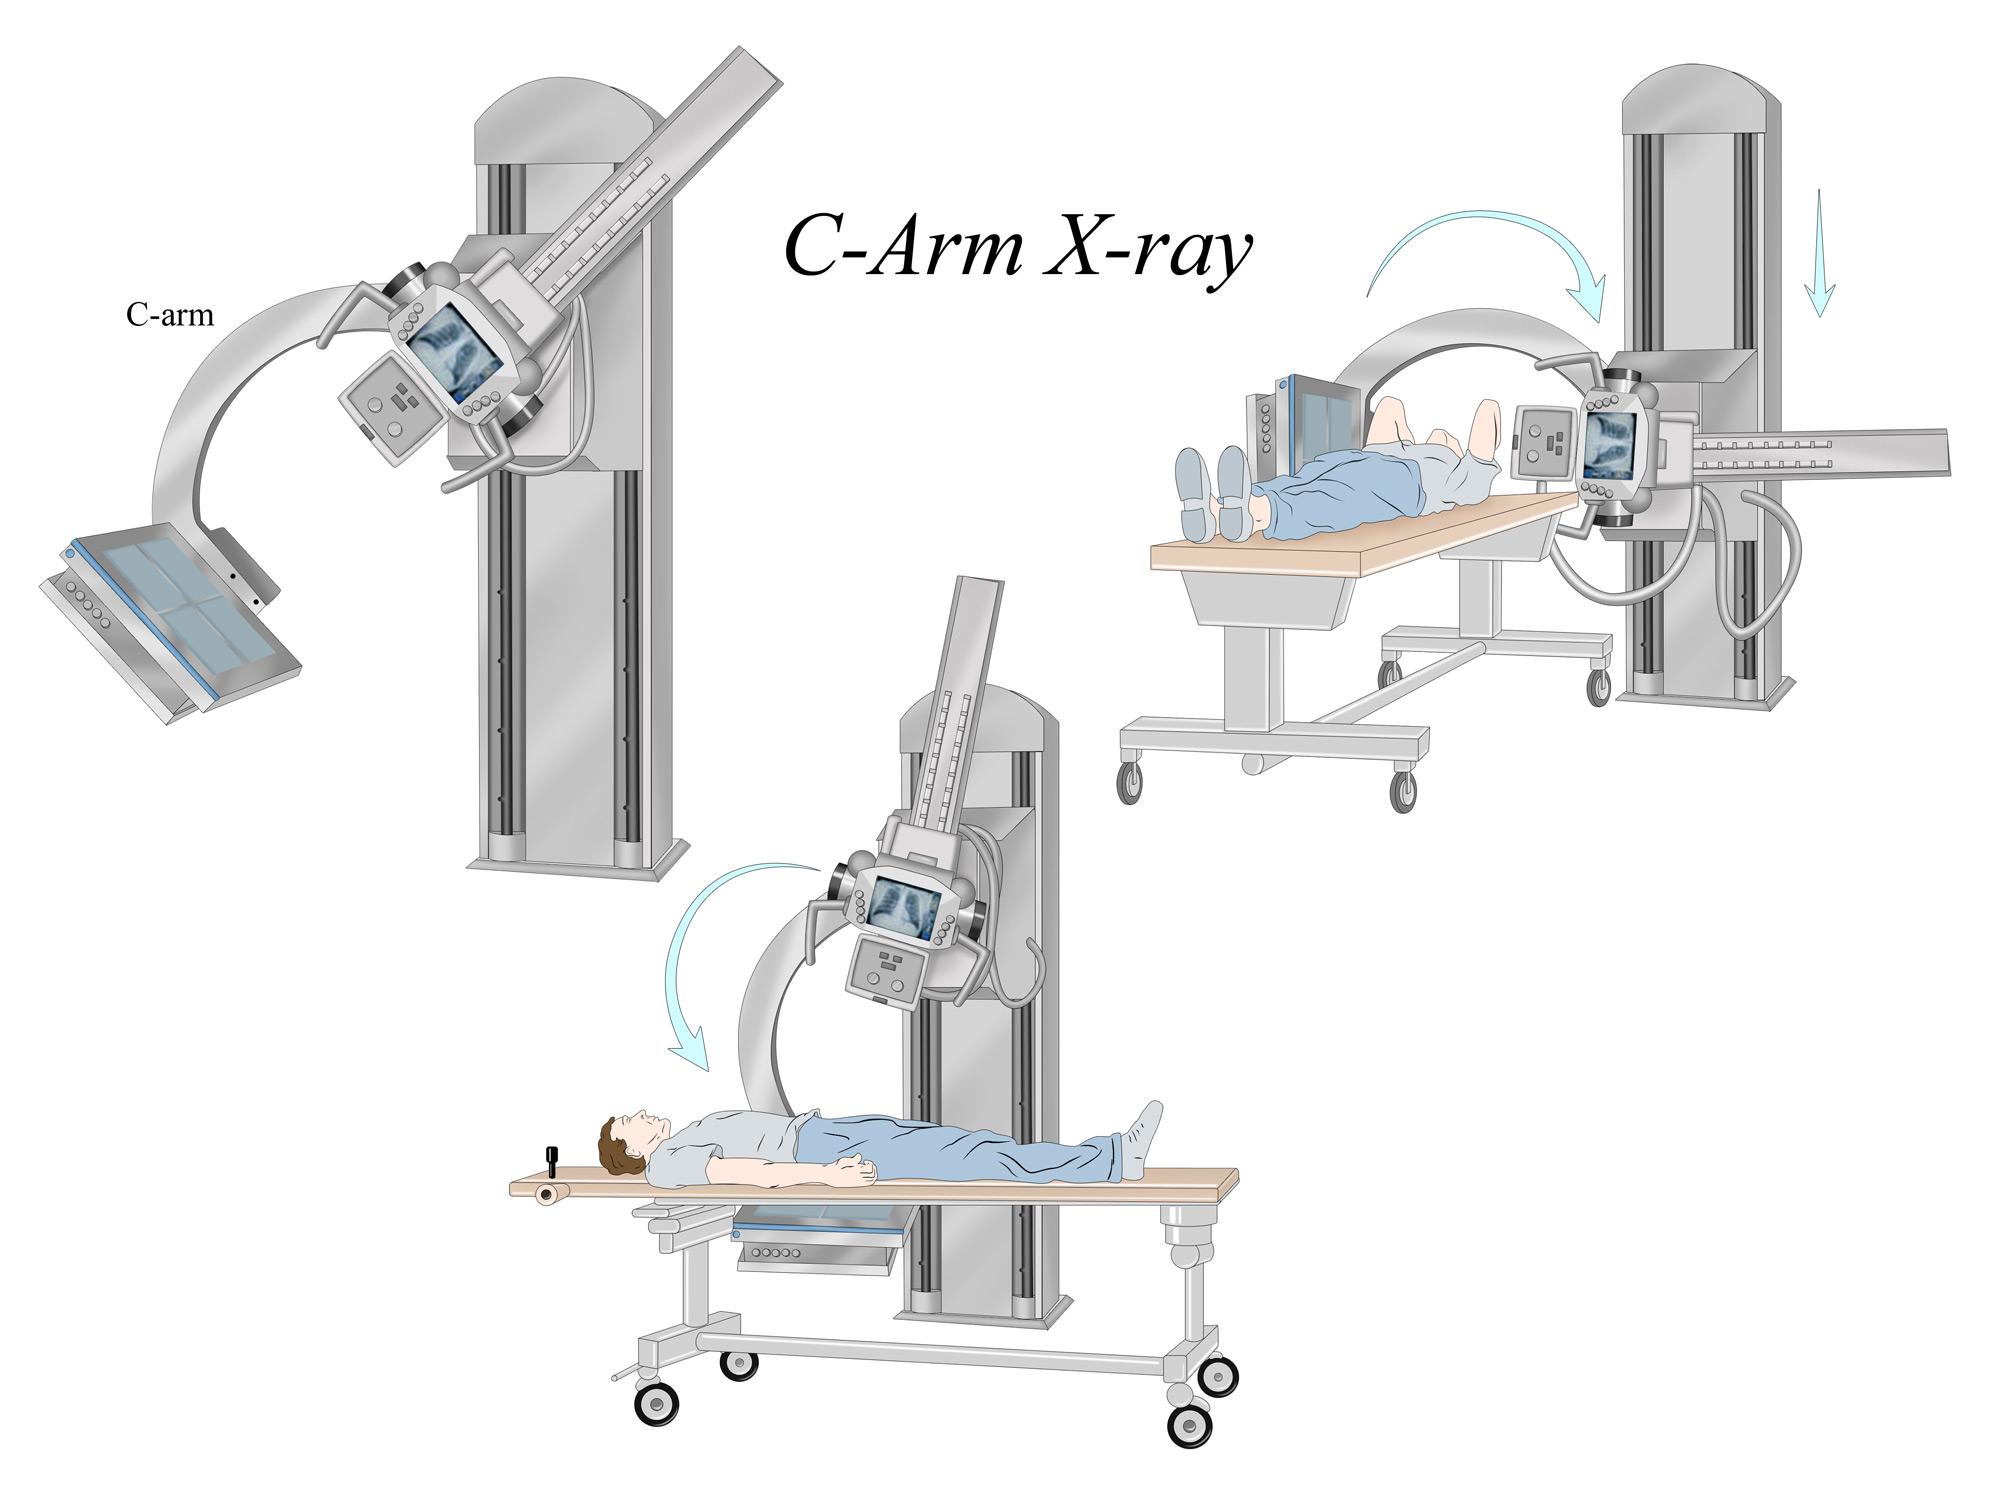 C-Arm X-ray